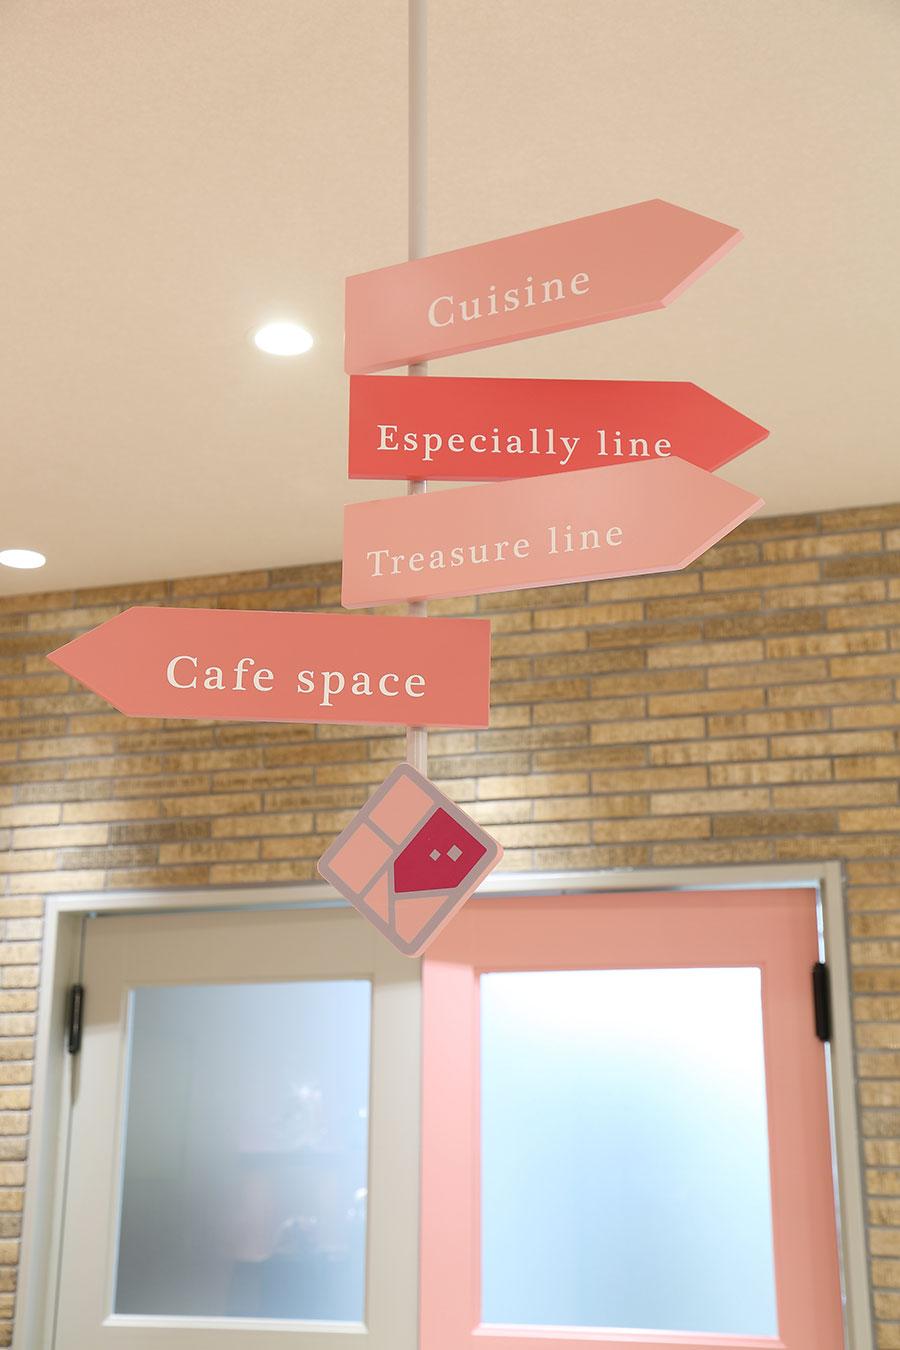 ケーキ屋のかわいい看板デザイン